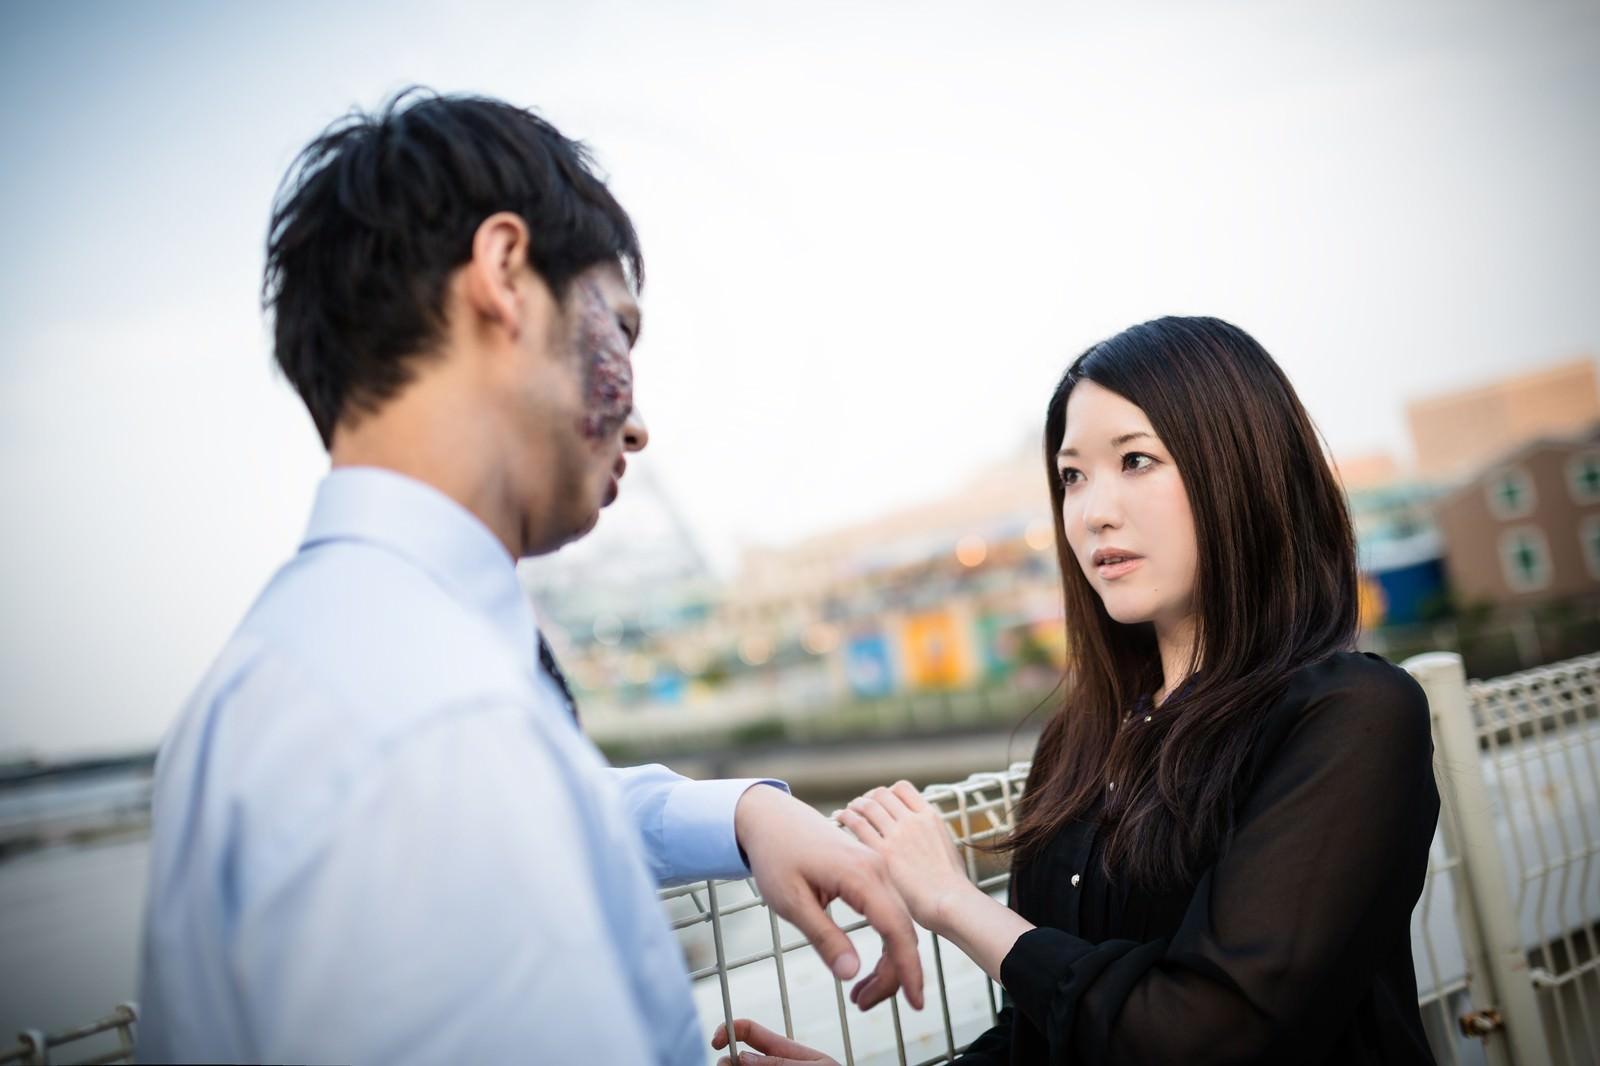 「女性(ソーシャルビッチ)を口説く腐乱系男子」の写真[モデル:大川竜弥 シマヅ]